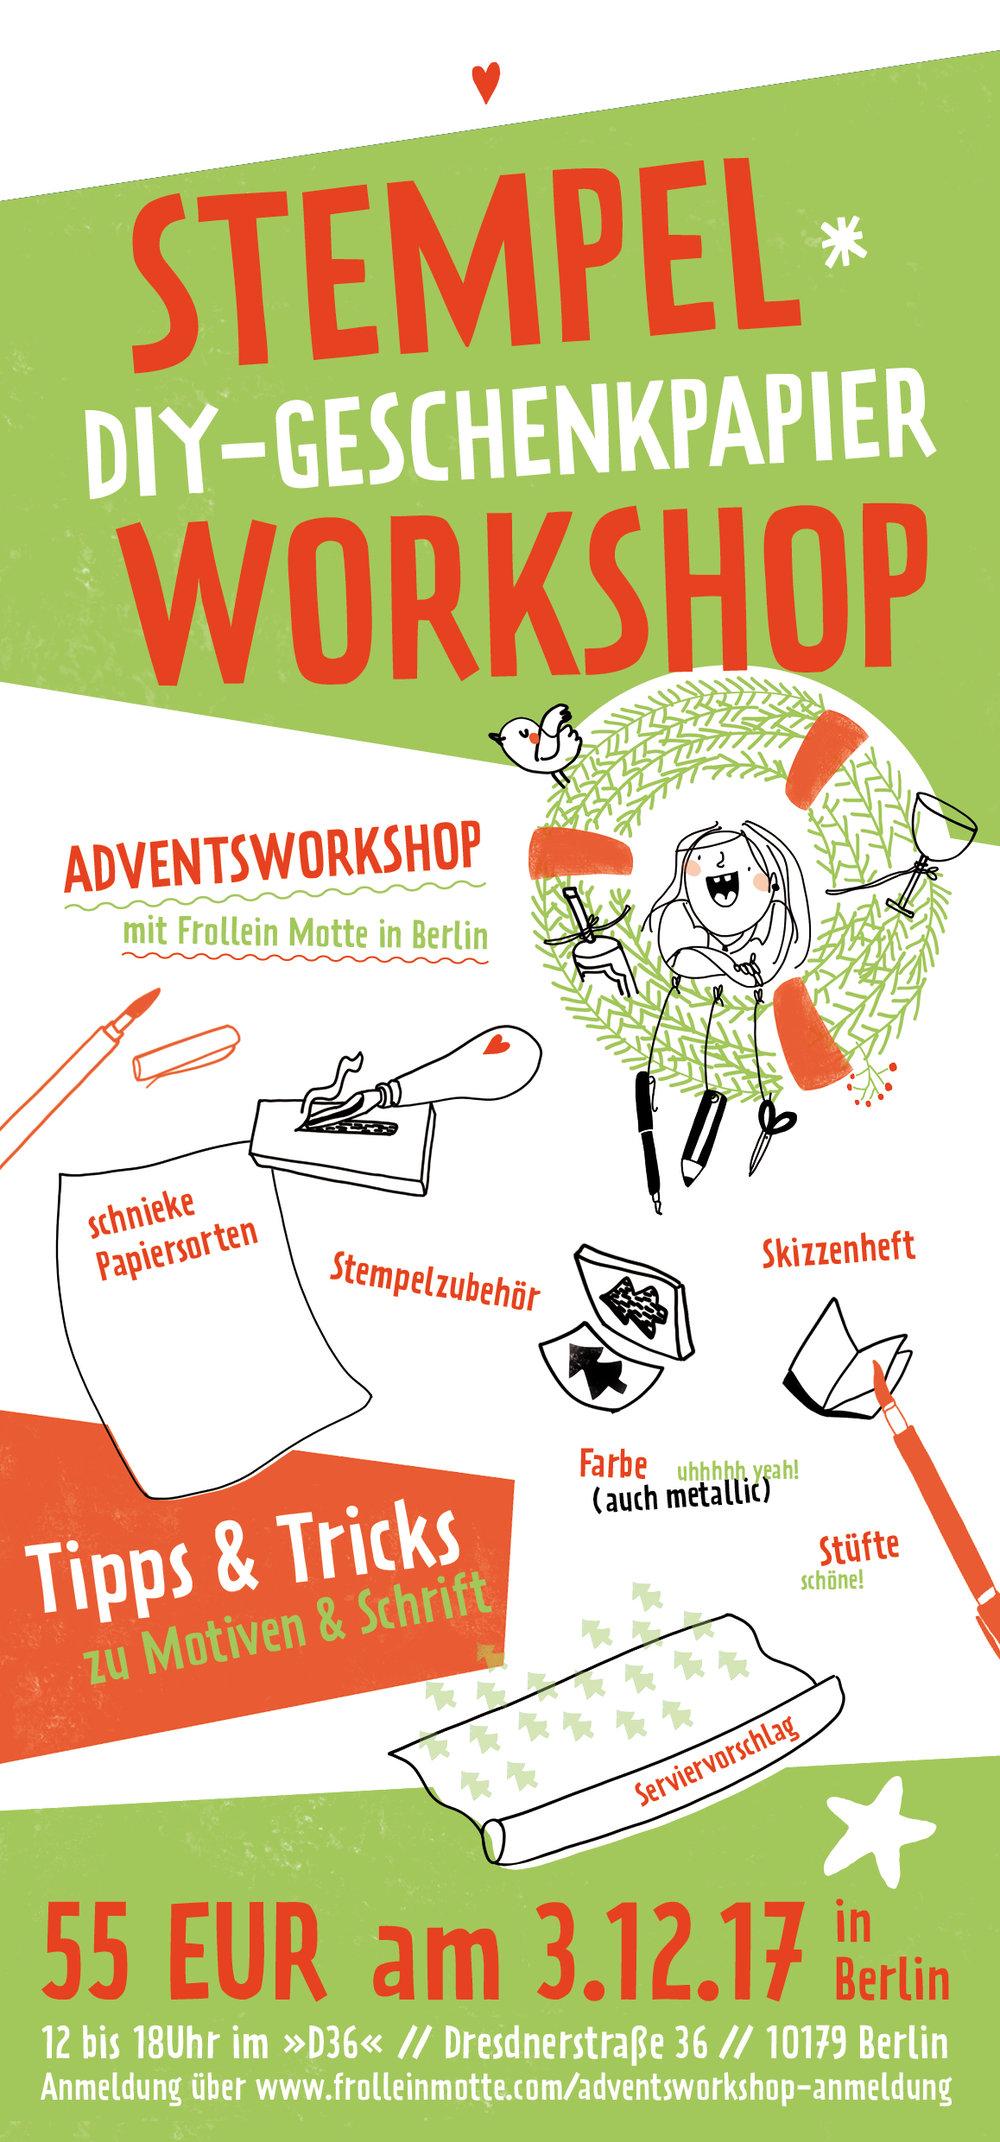 WS_werbung_adventsworkshop_frolleinmotte2.jpg